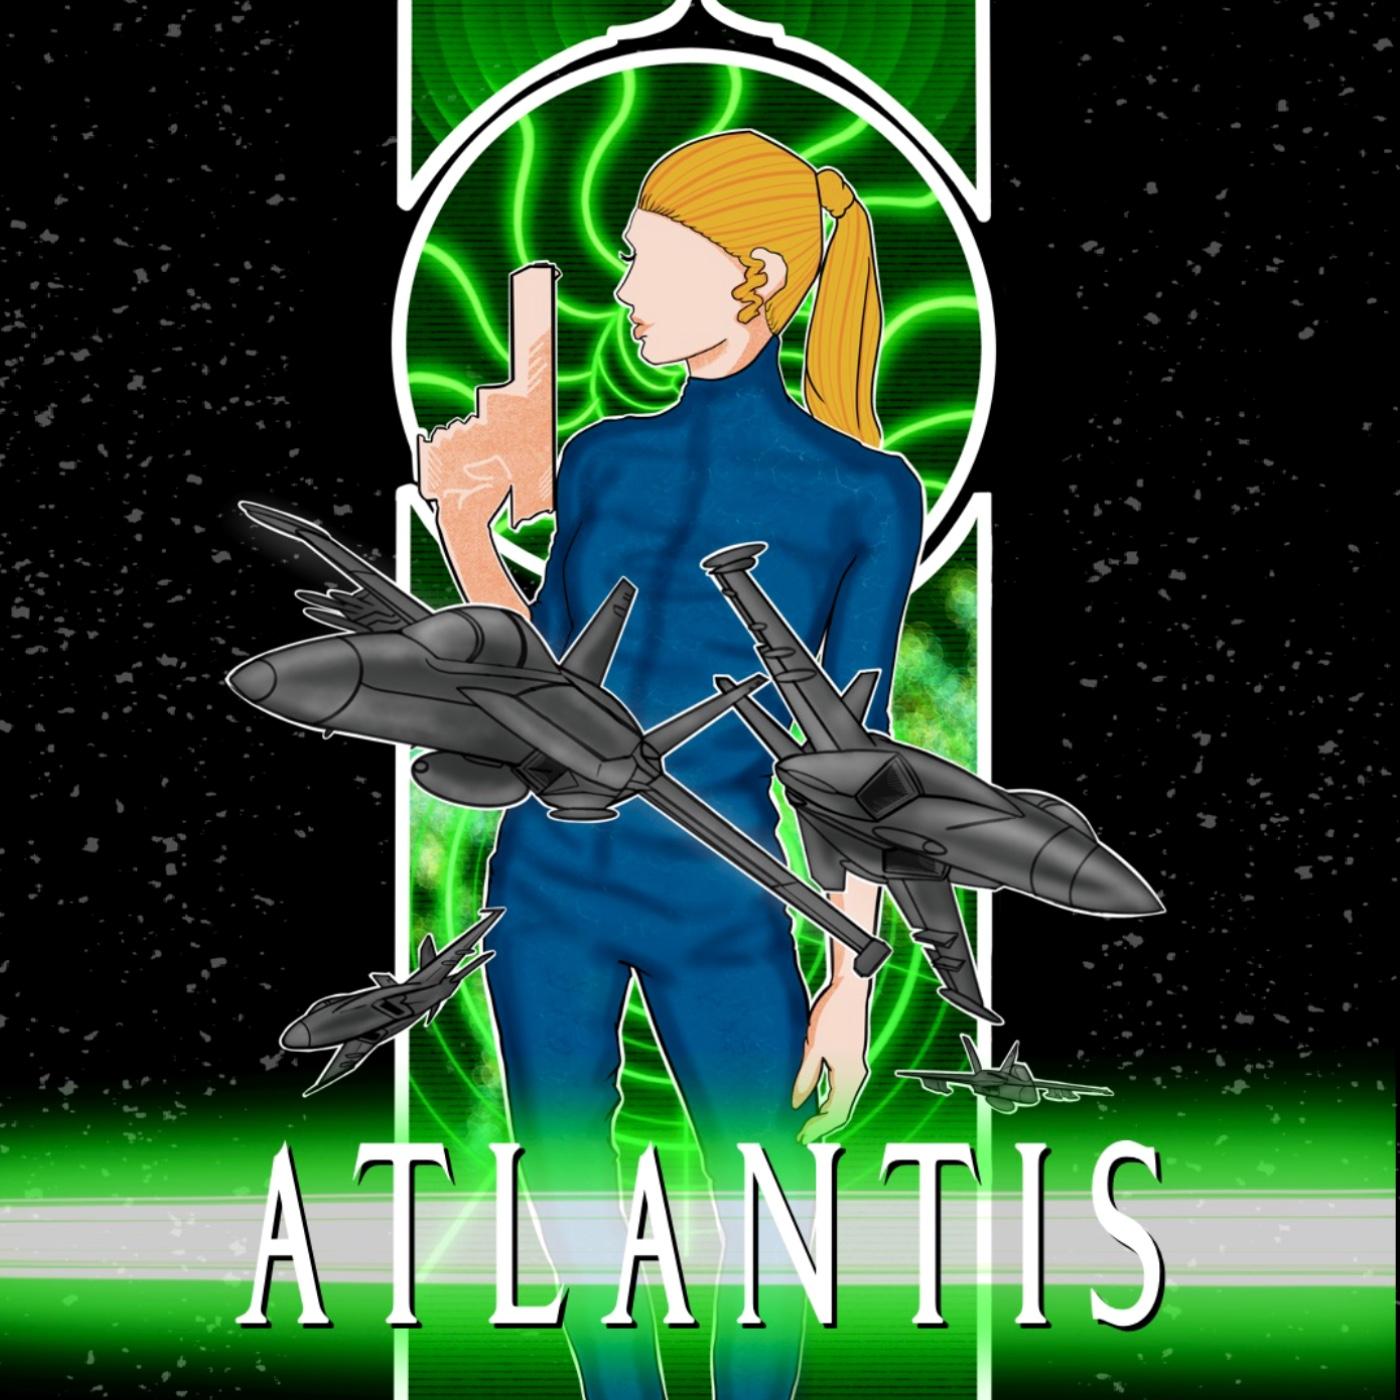 Show artwork for Atlantis